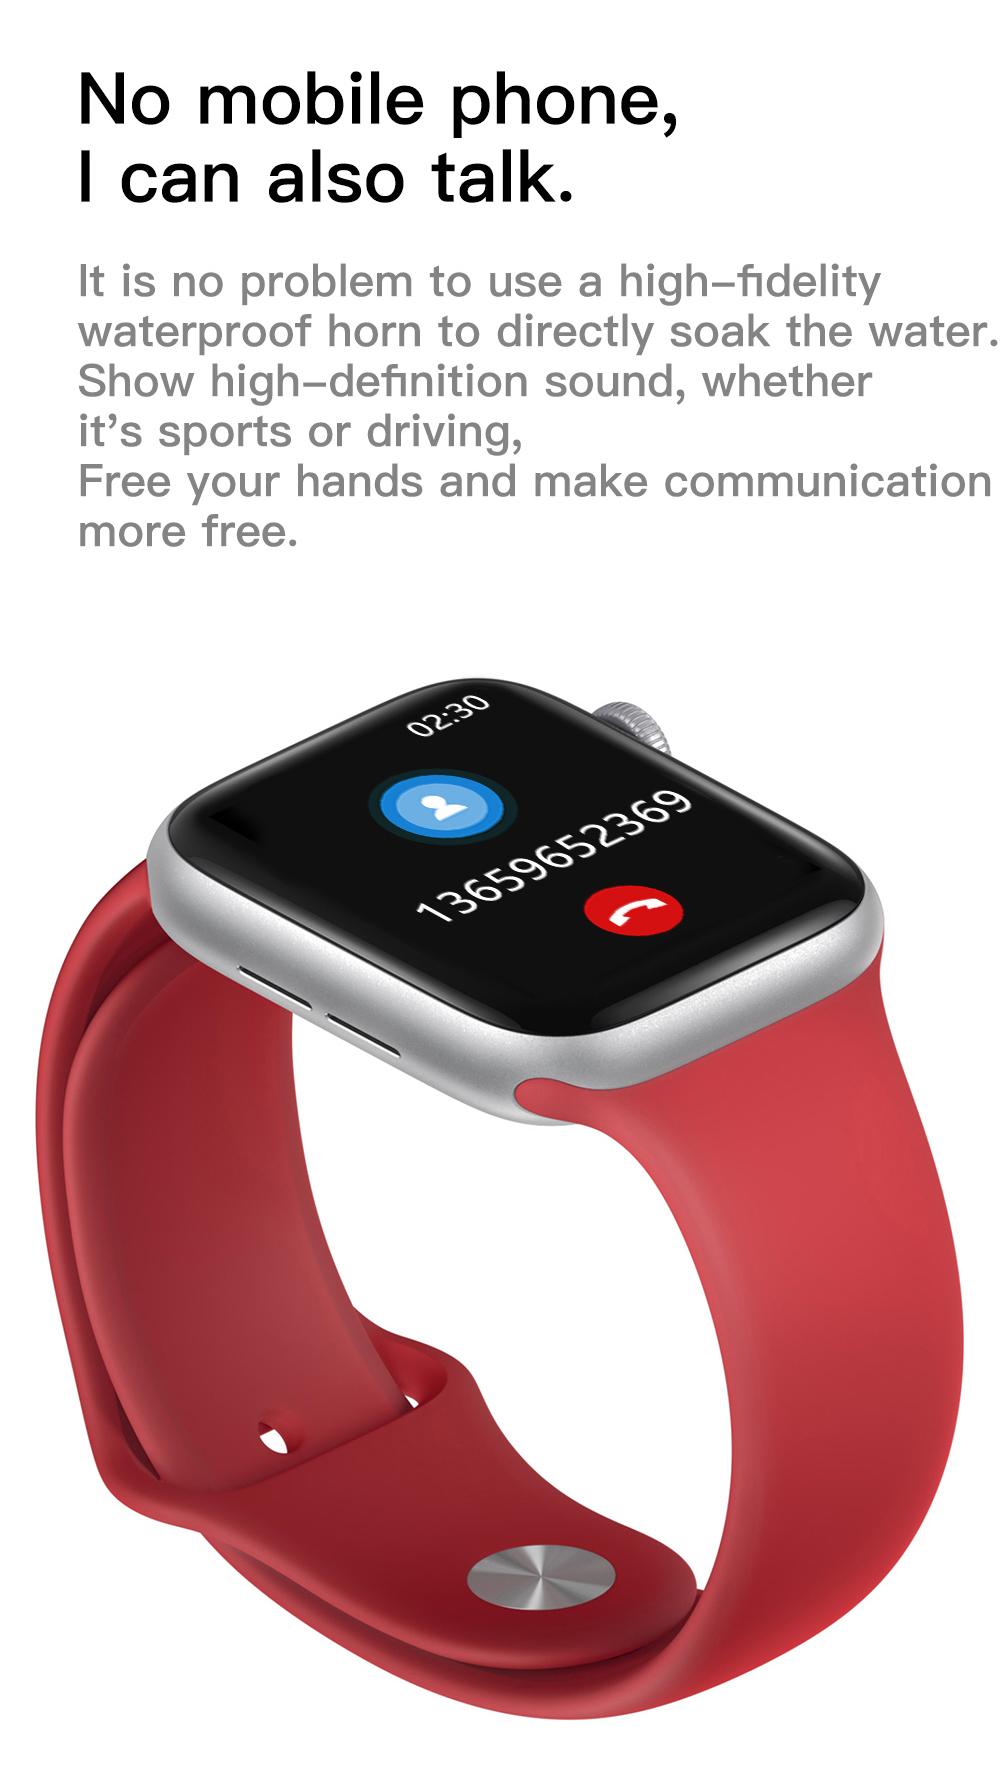 W56 Smart Watch Description-13